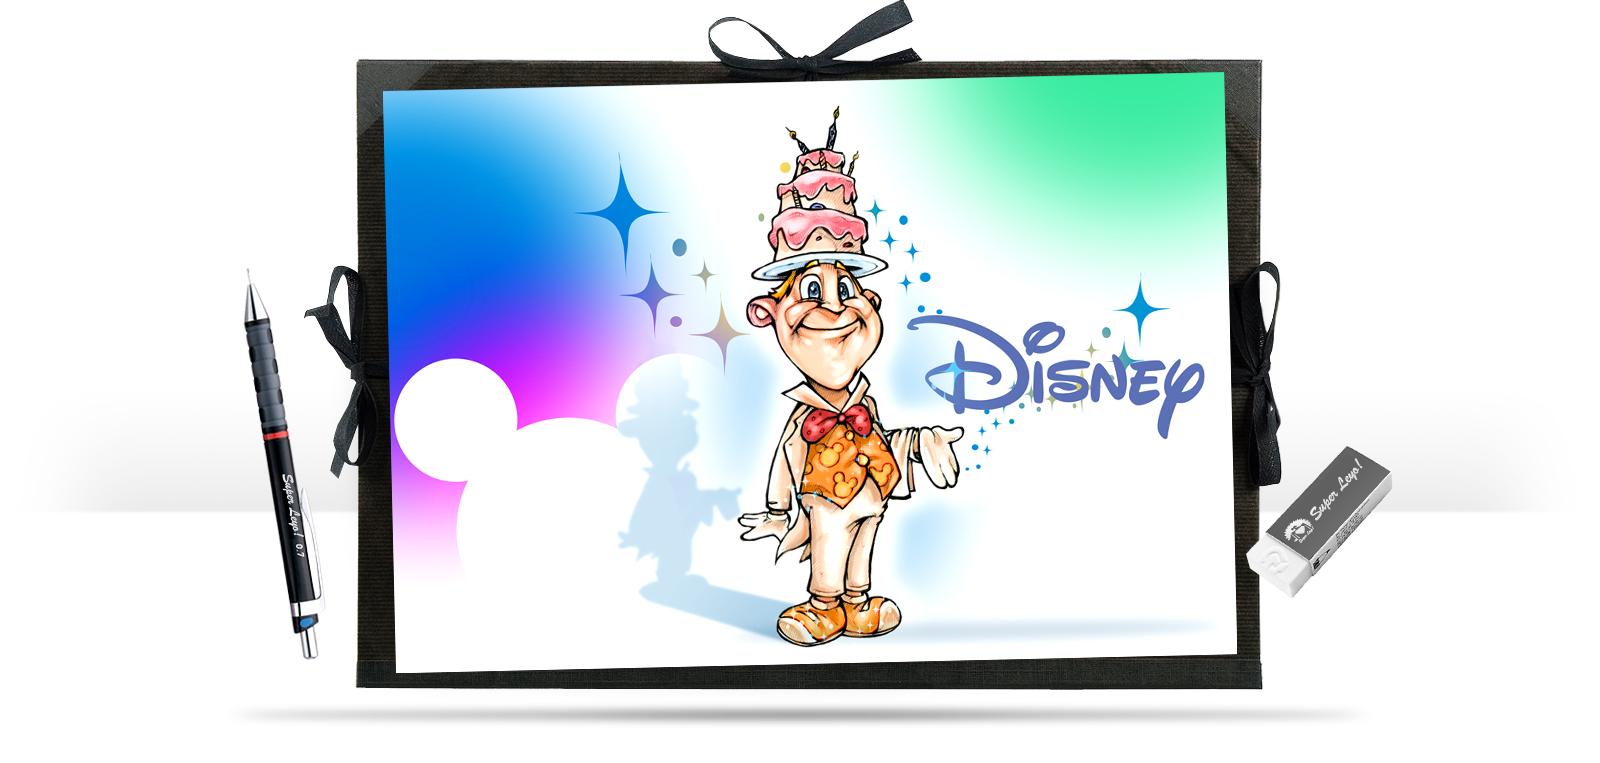 Disney-21